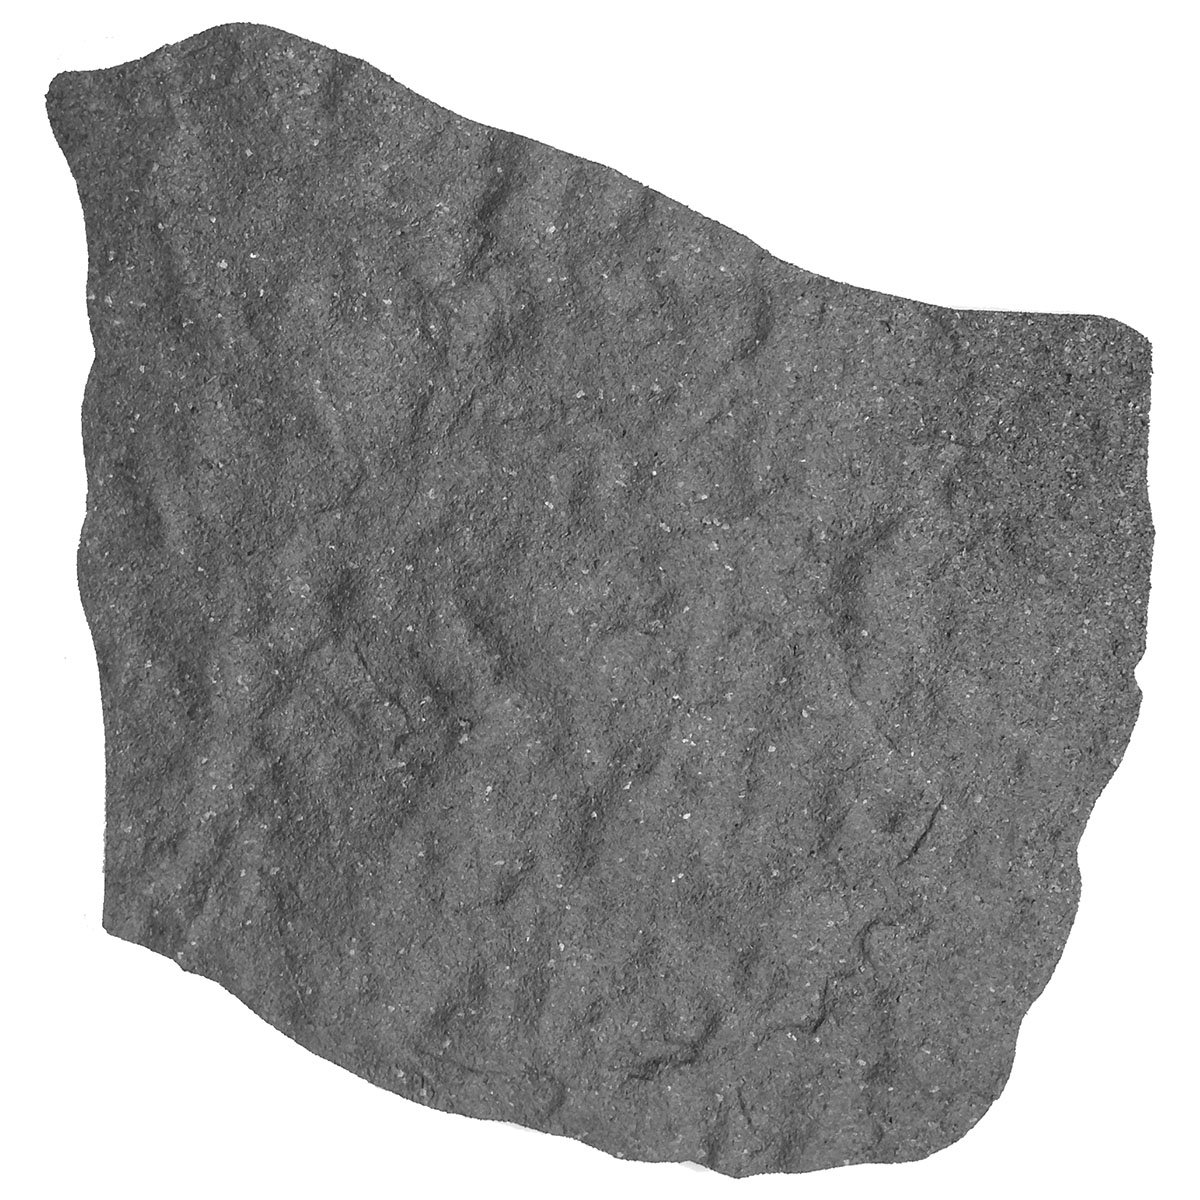 Trittstein Naturstein, 4er-Set, 45 x 55 cm, Gummi, grau | #3